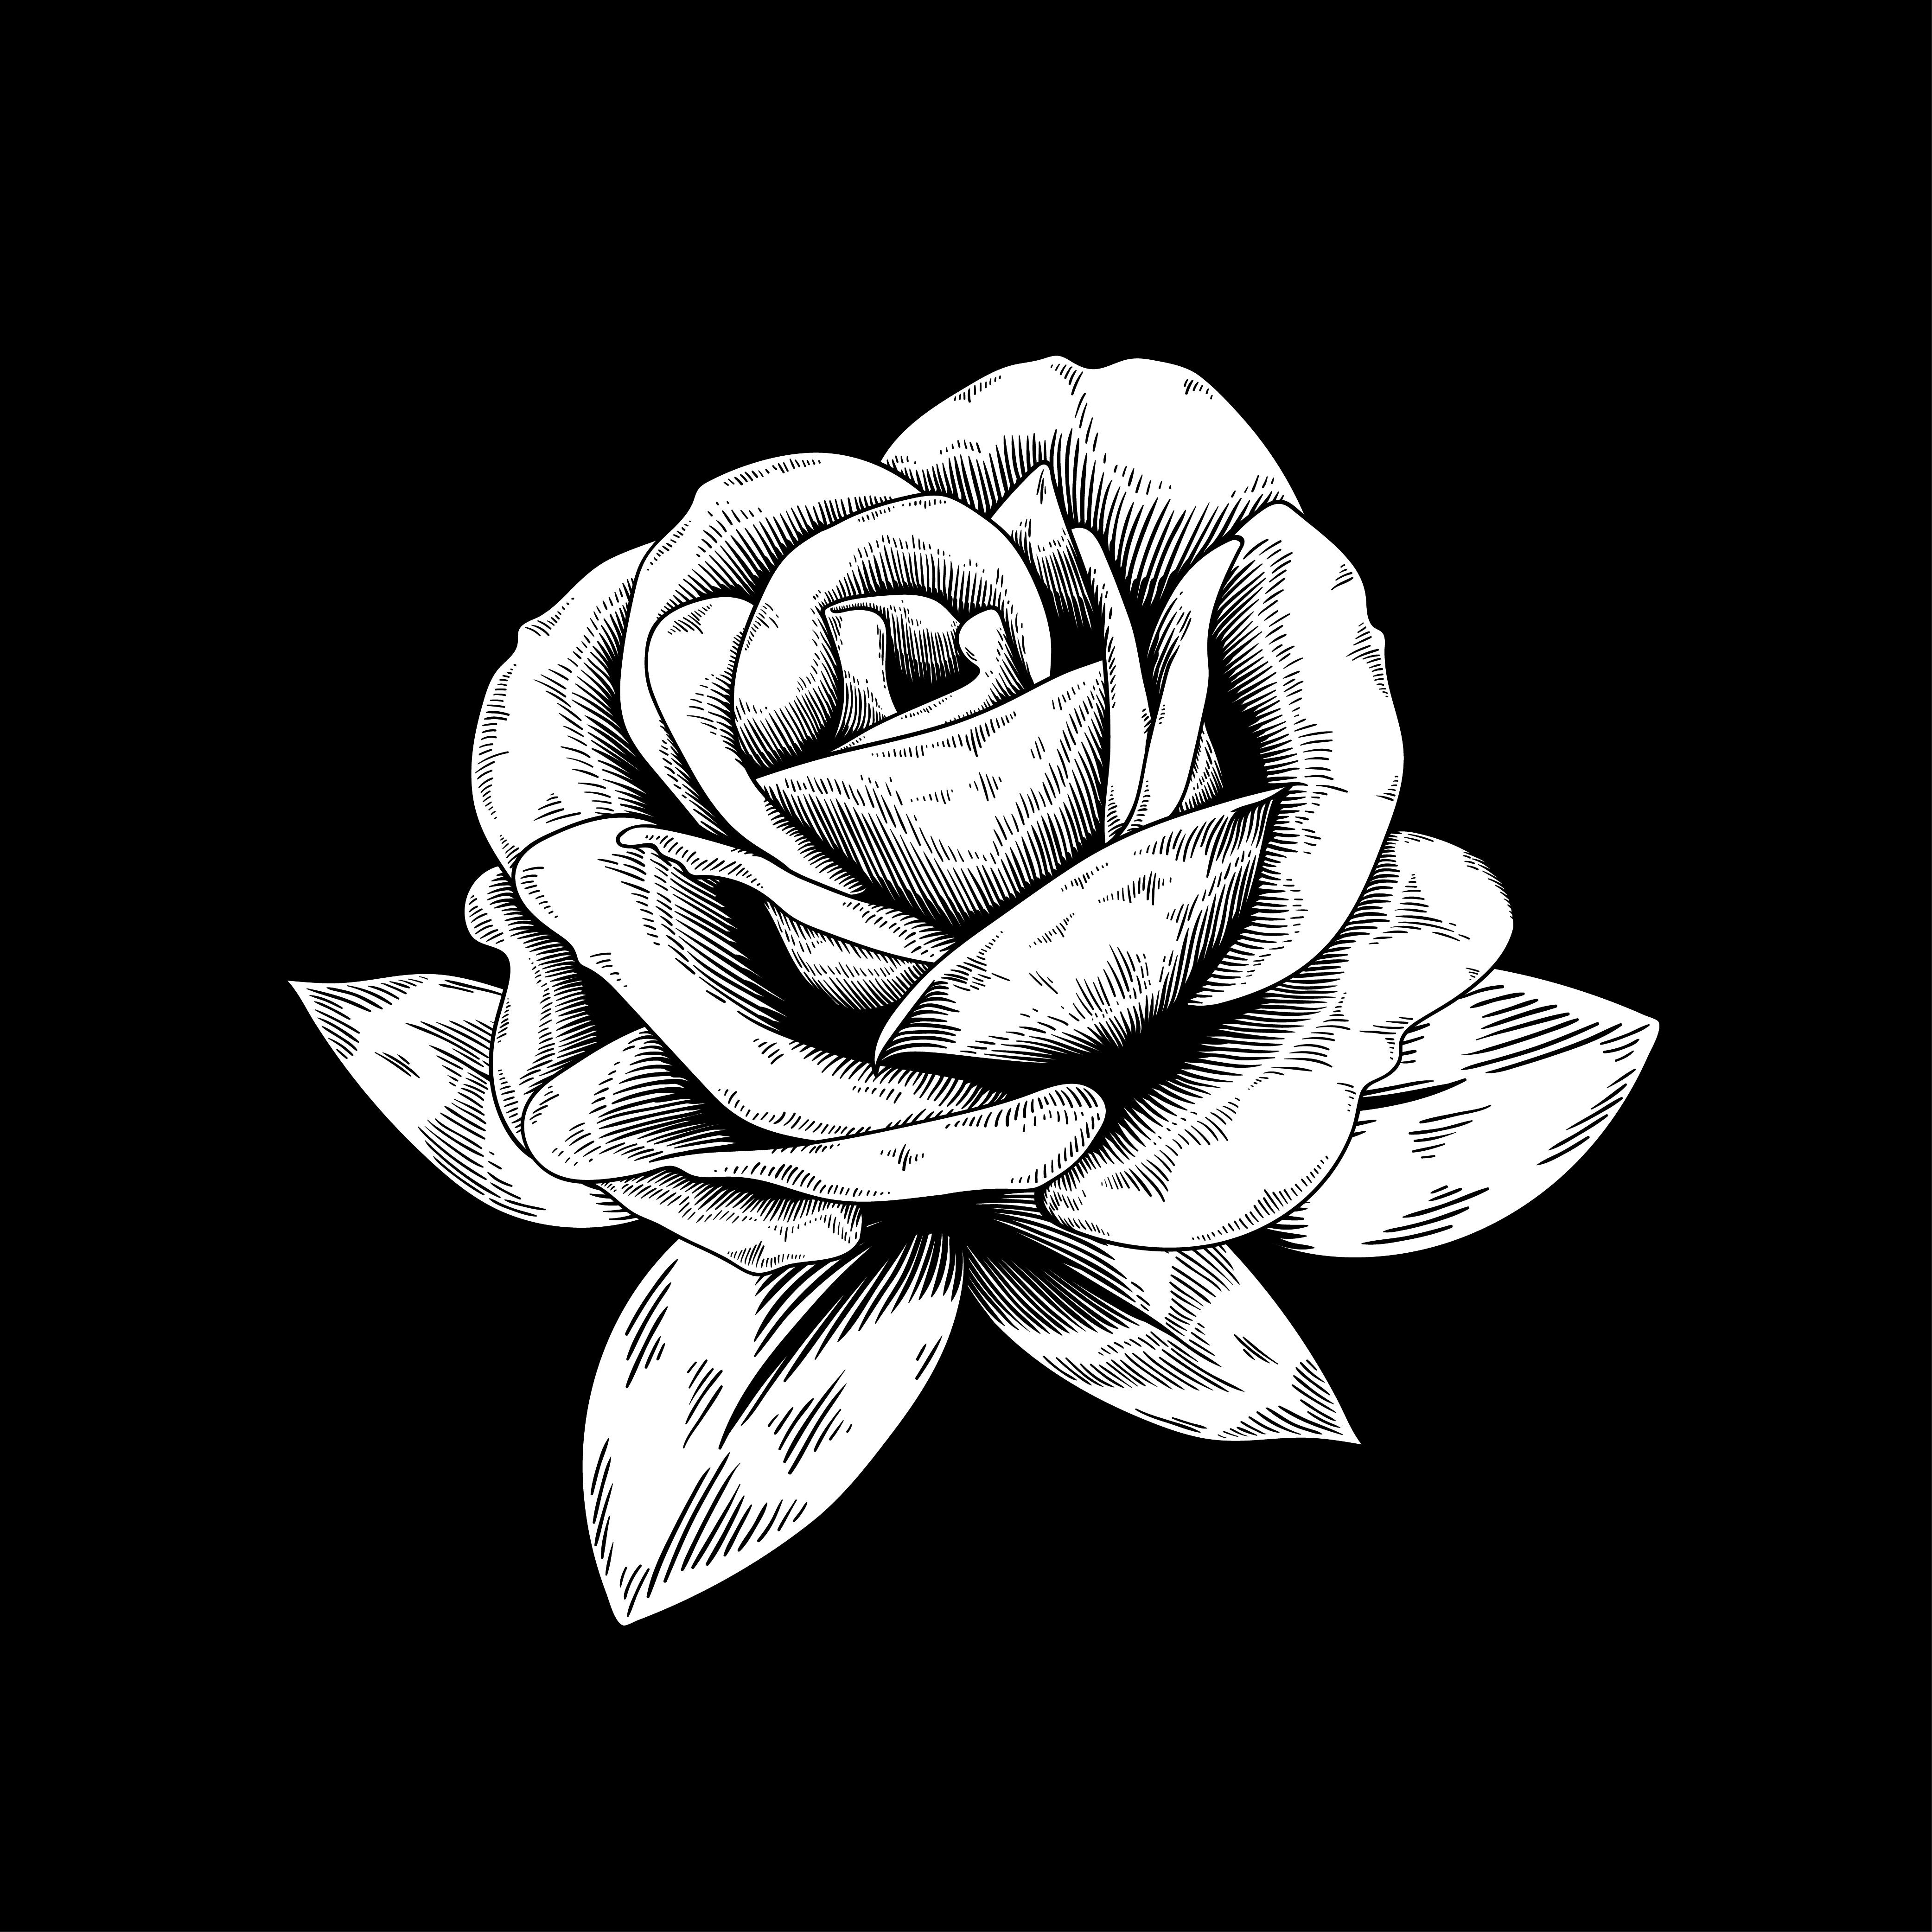 玫瑰剪影 免費下載   天天瘋後製